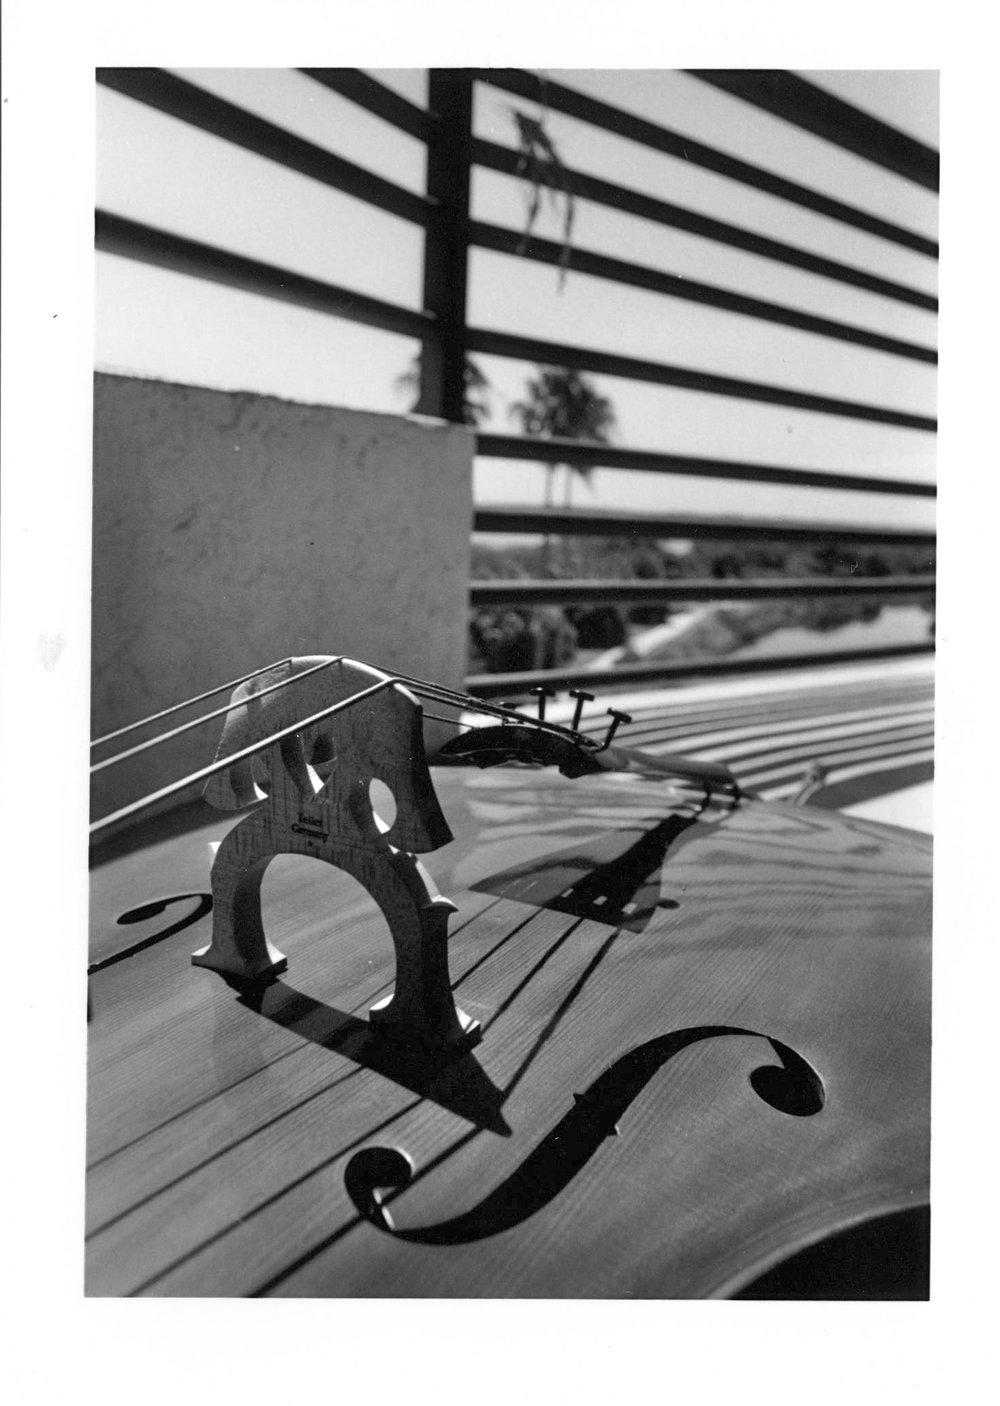 Cello, Silver Gelatin Print